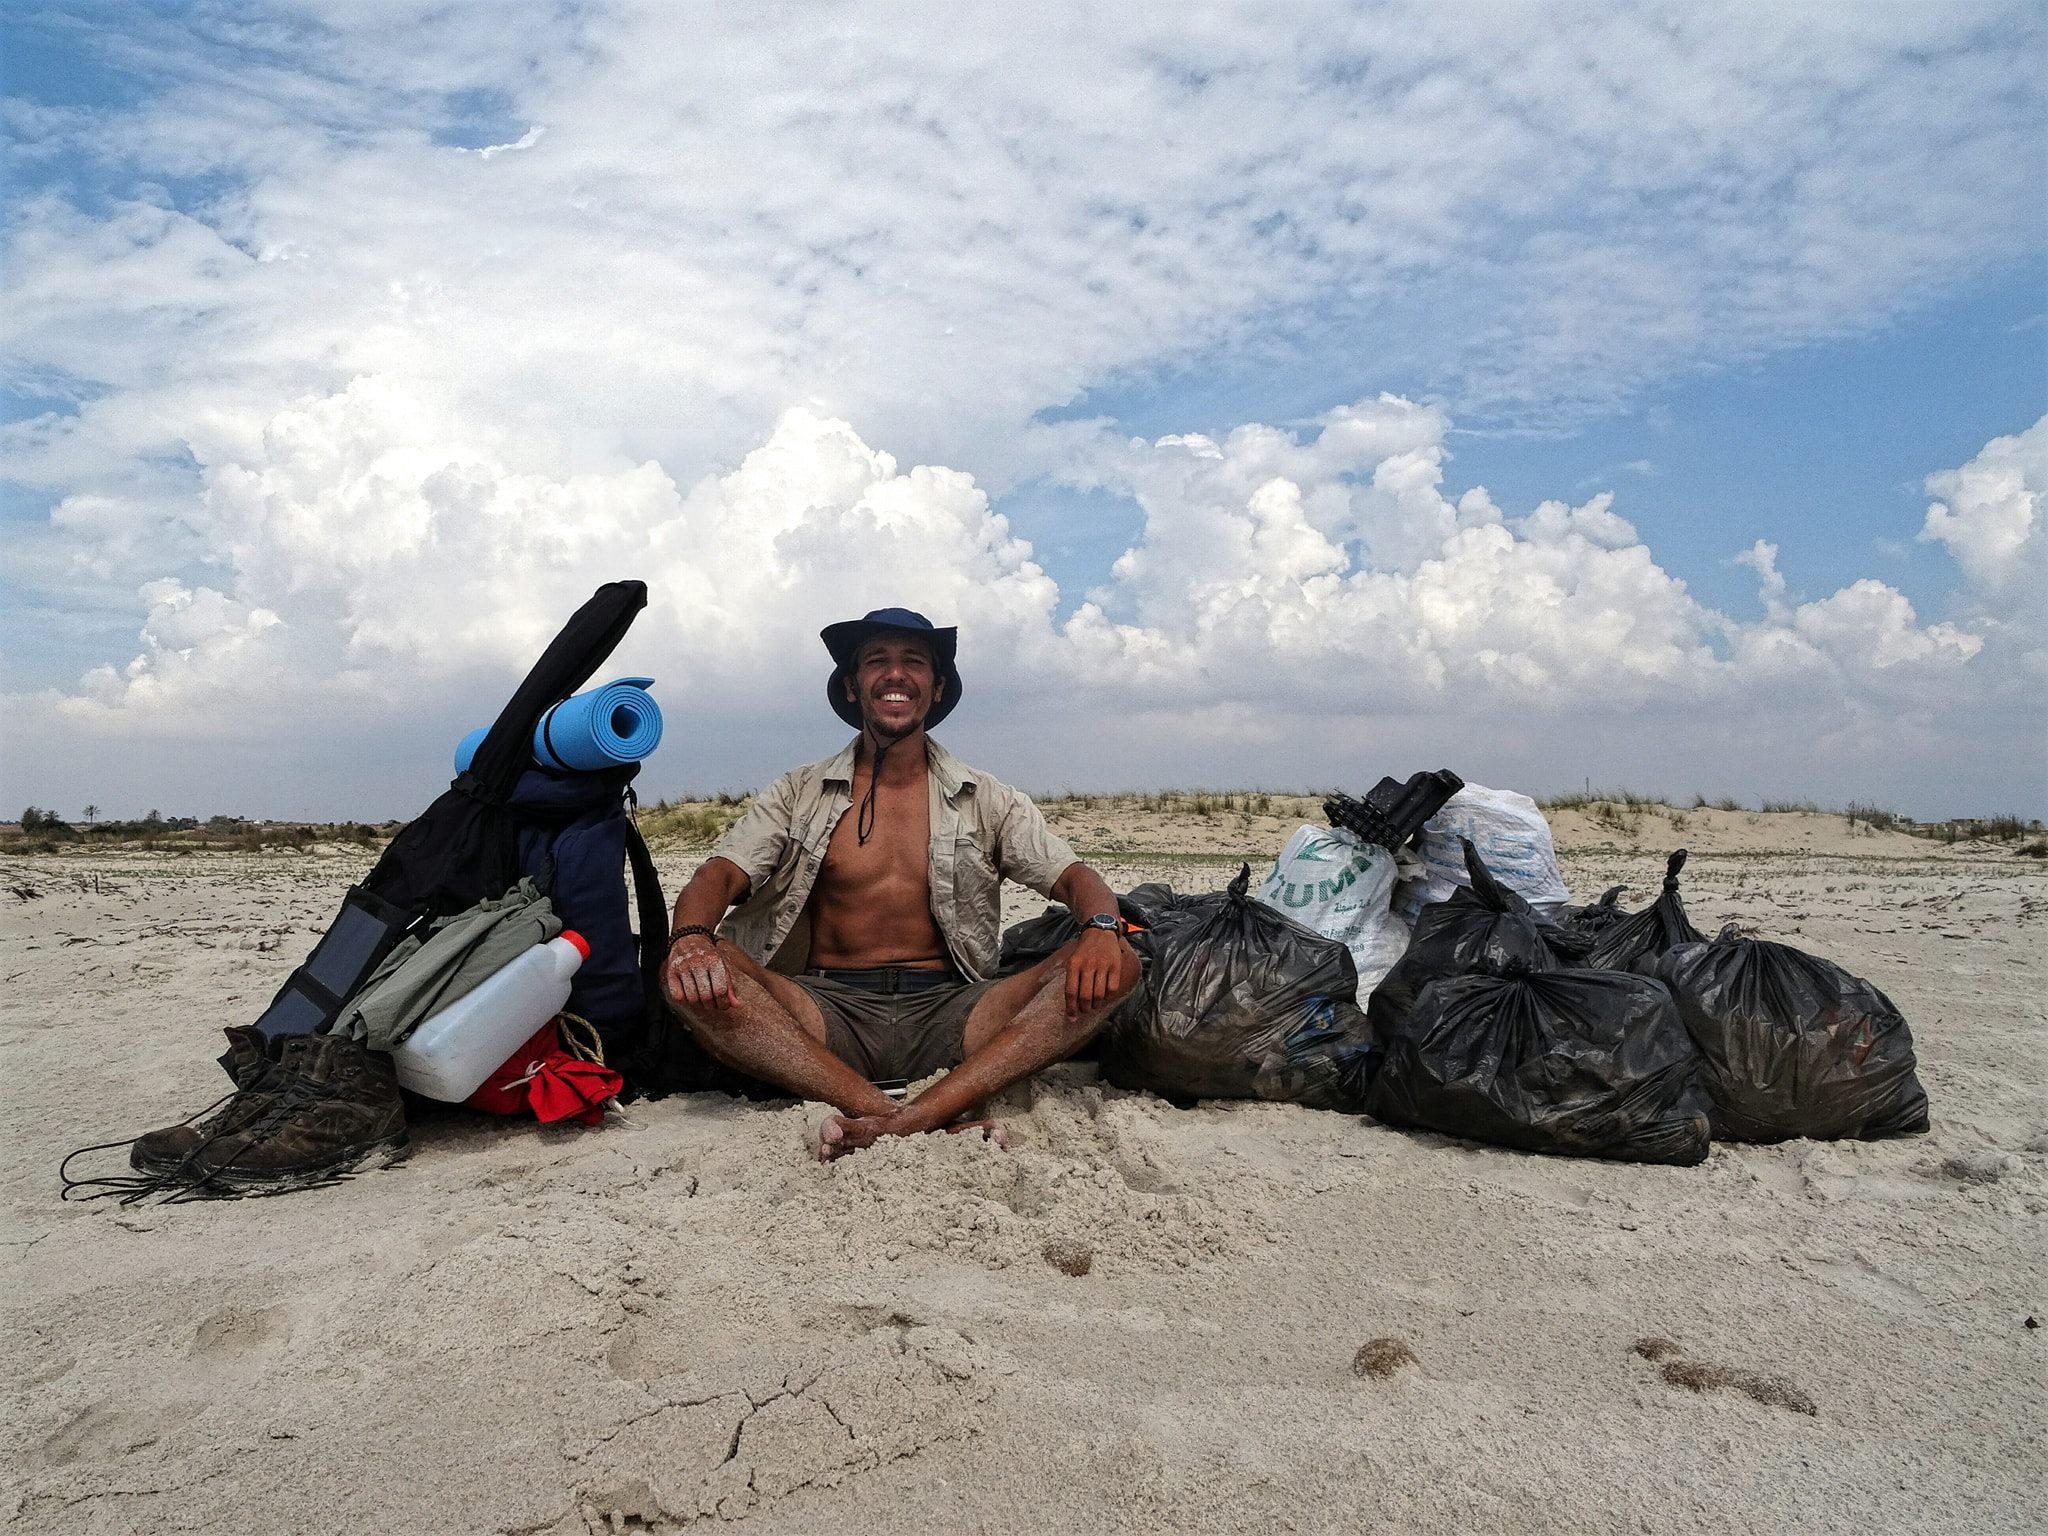 Tunisan strávil prázdniny čištěním 30 pláží od odpadků